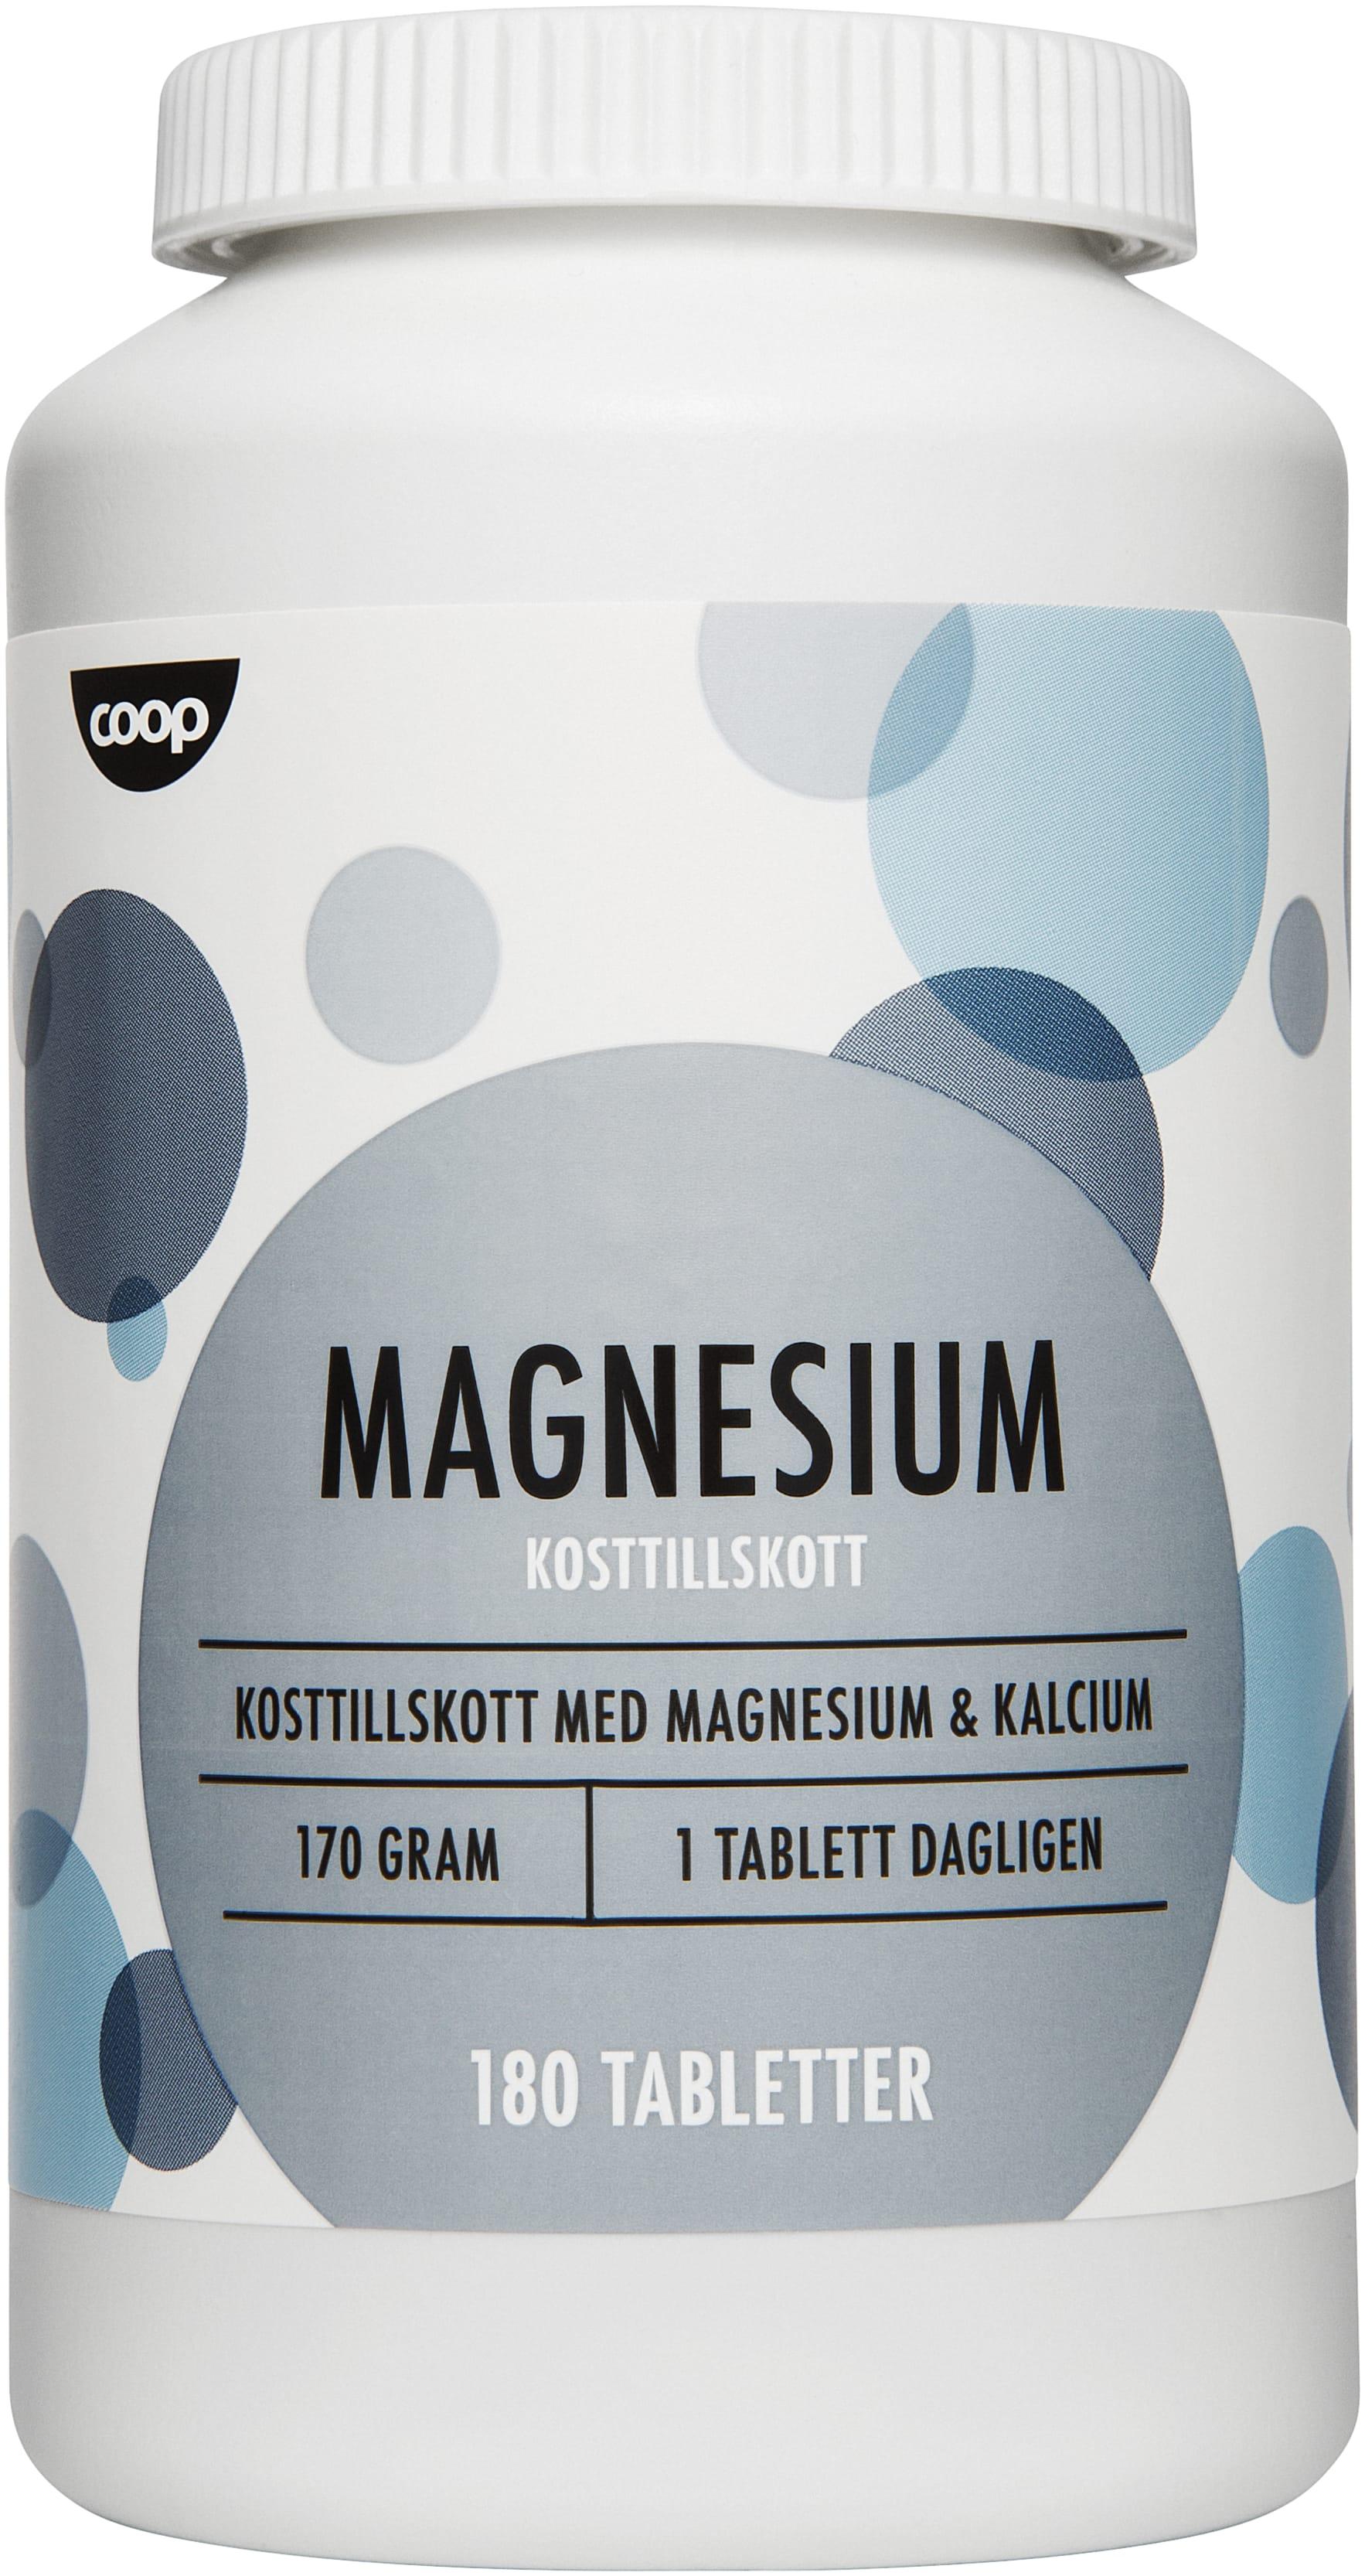 magnesium kosttillskott bra för